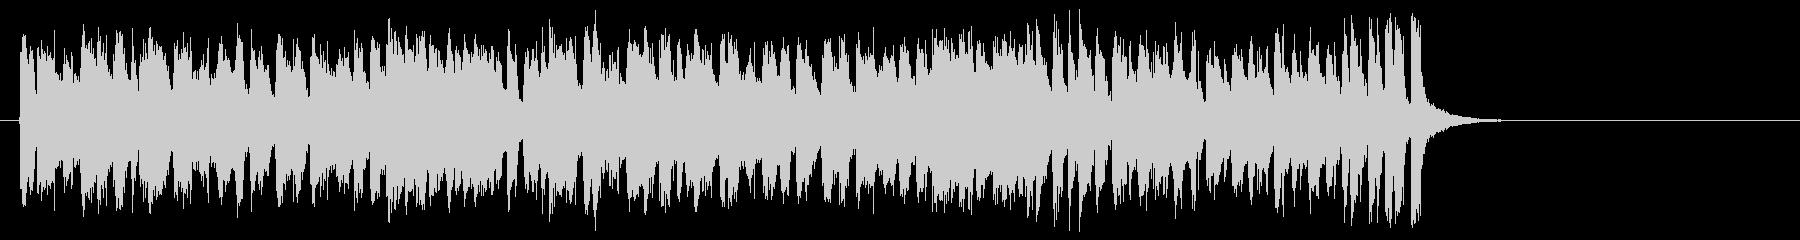 ラテン系フュージョン(サビ~イントロ)の未再生の波形